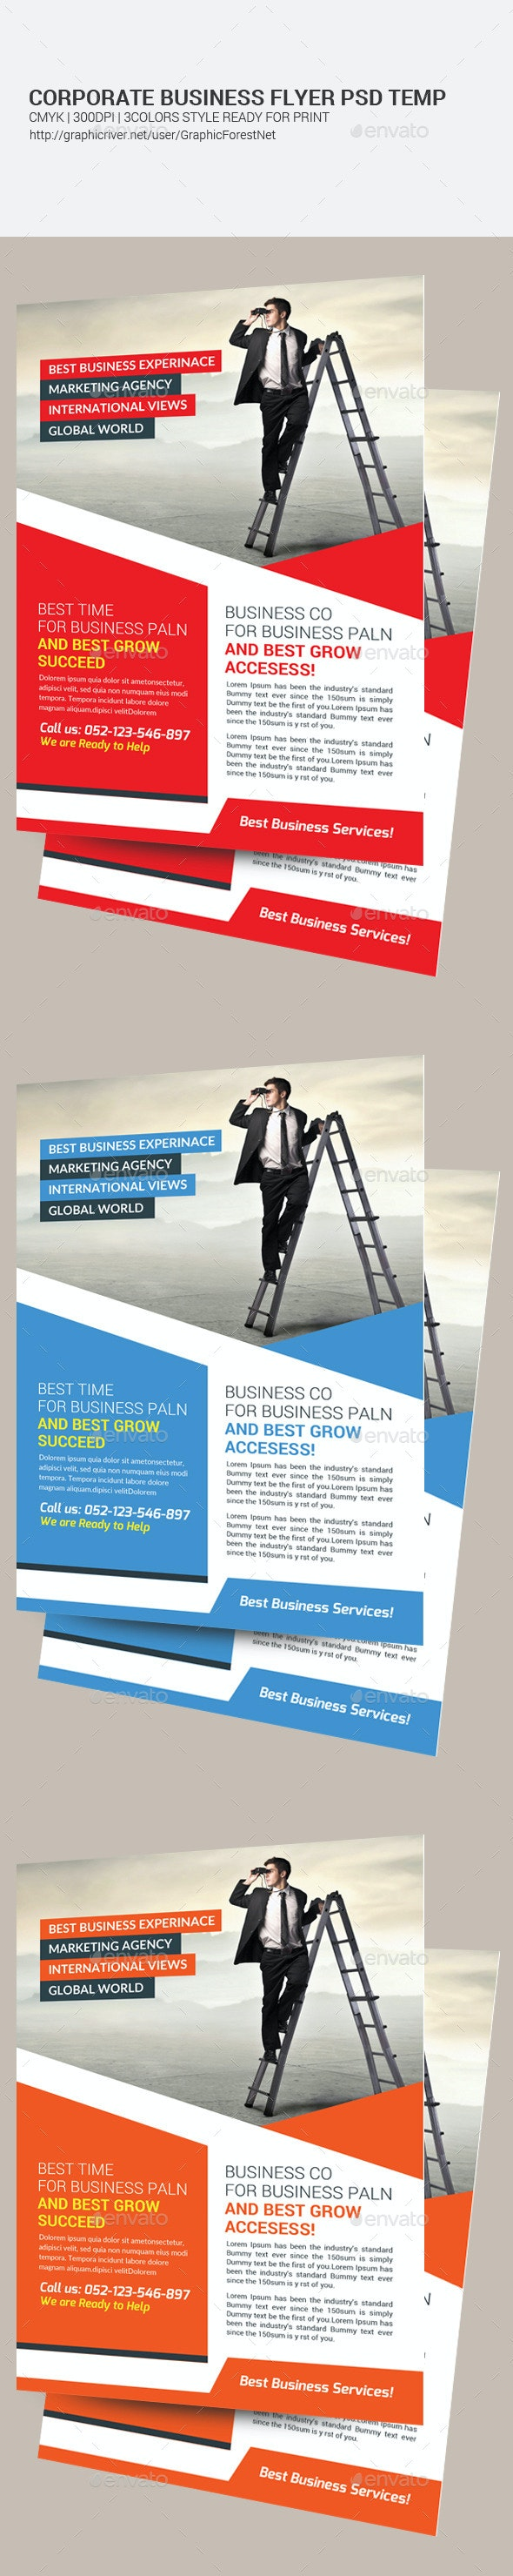 Creative Corporate Psd Flyer Template  - Corporate Flyers